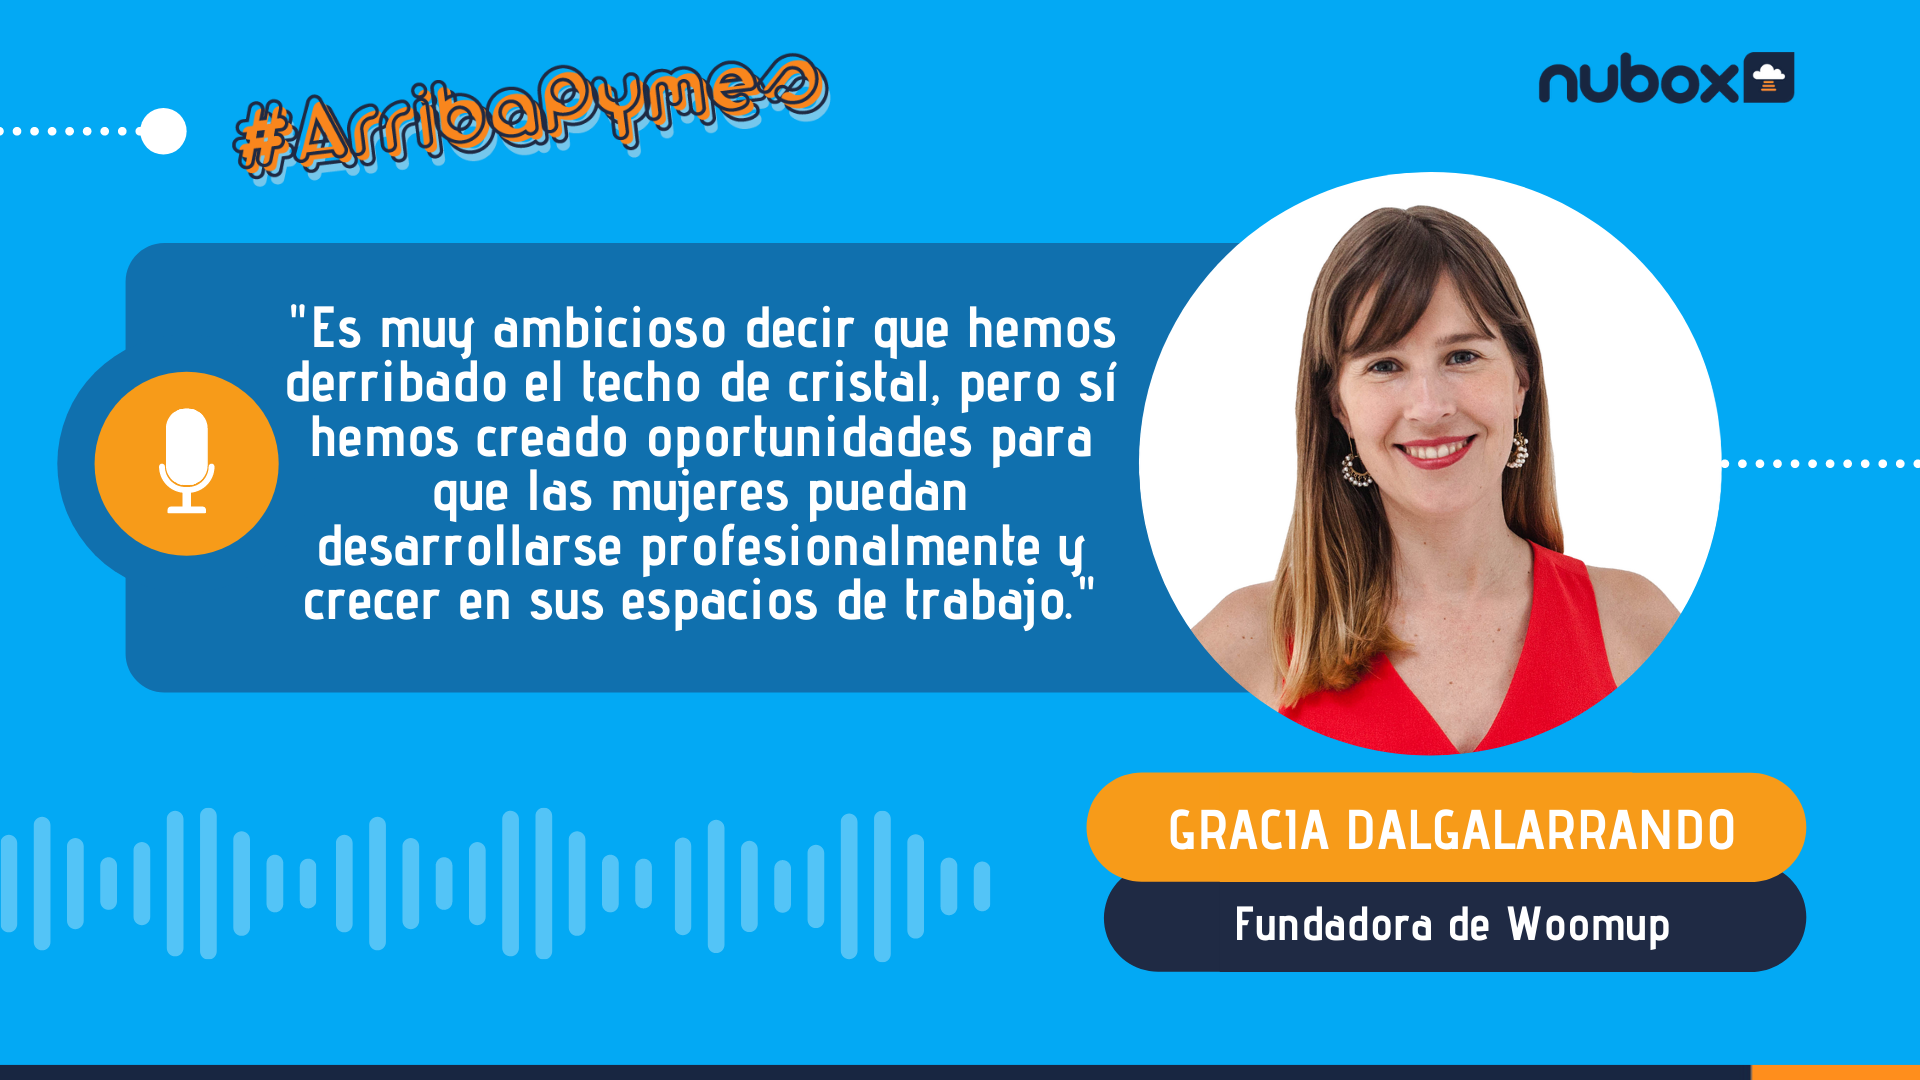 [Podcast #15] Gracia Dalgalarrando: Hemos creado oportunidades para que las mujeres puedan desarrollarse profesionalmente y crecer en sus espacios de trabajo